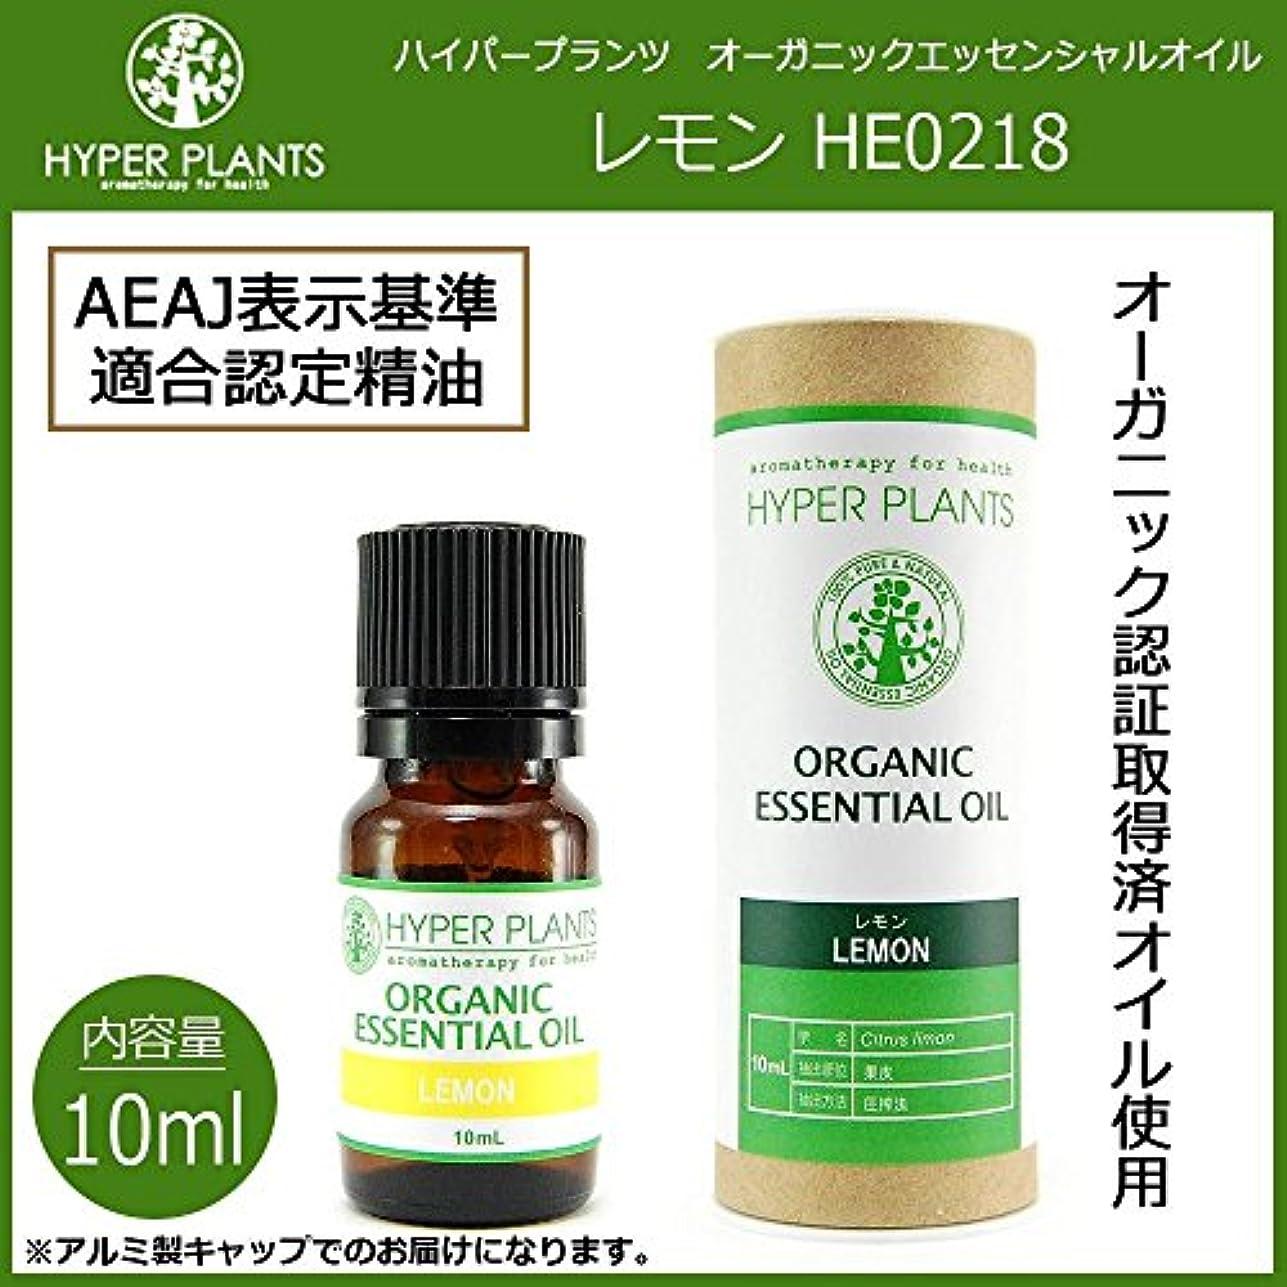 デンマーク語習字ヒップHYPER PLANTS ハイパープランツ オーガニックエッセンシャルオイル レモン 10ml HE0218